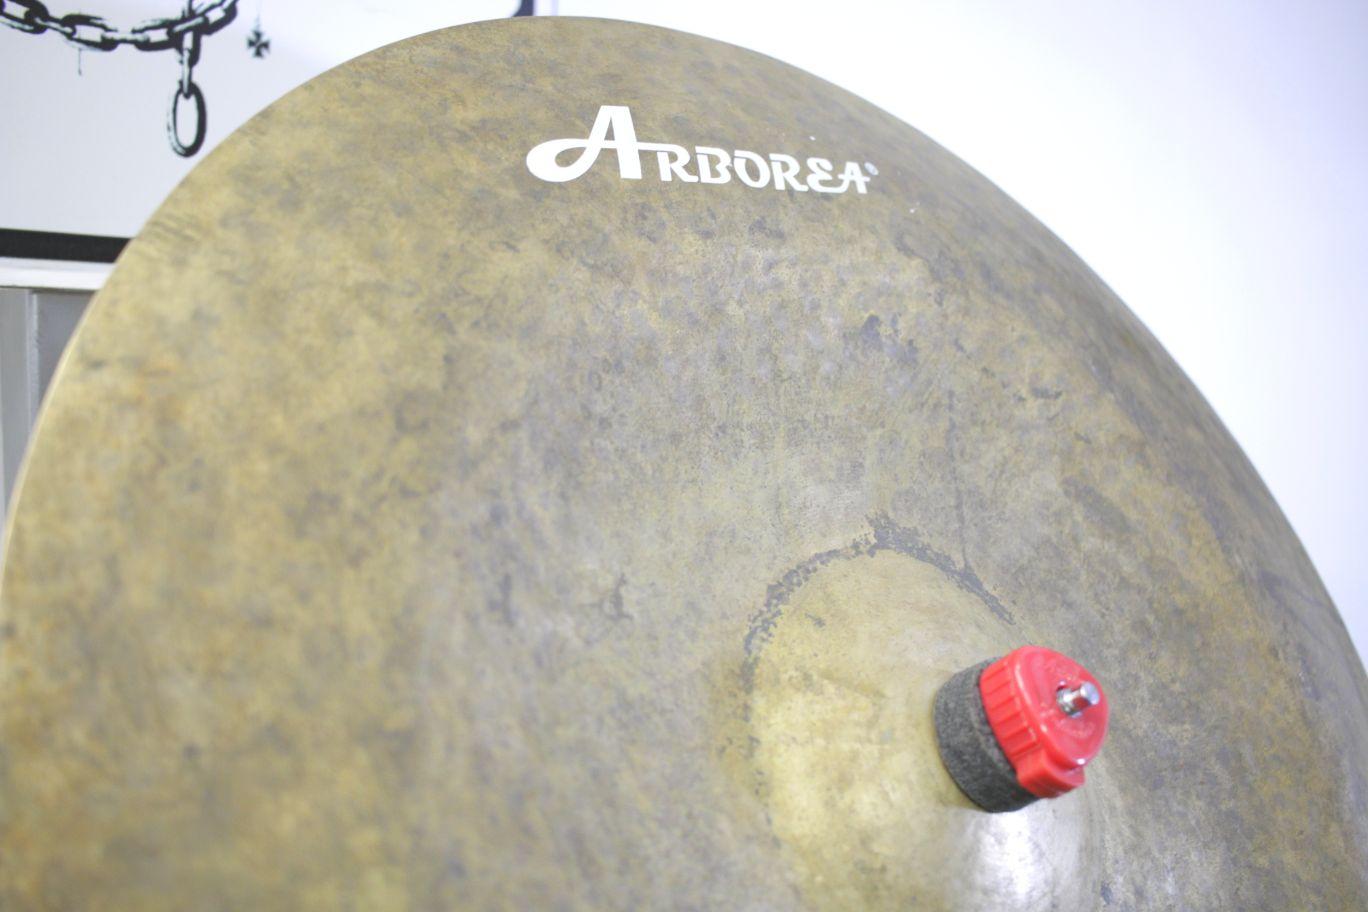 CHINA 20 KNIGHT ARBOREA